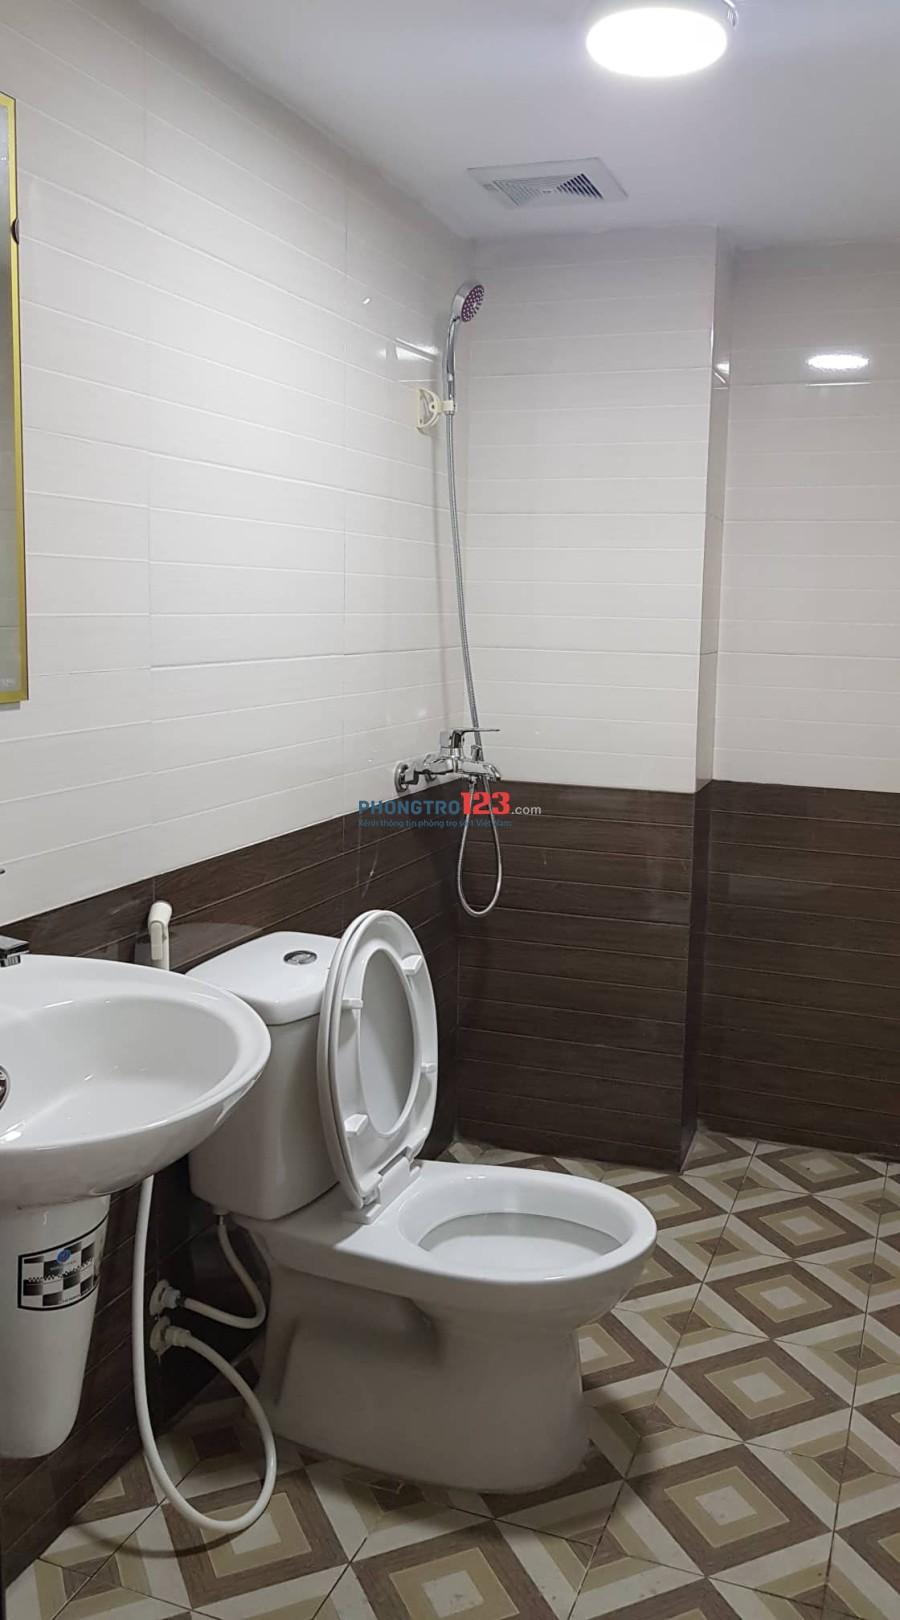 Cho thuê phòng mới xây, trực tiếp không qua trung gian